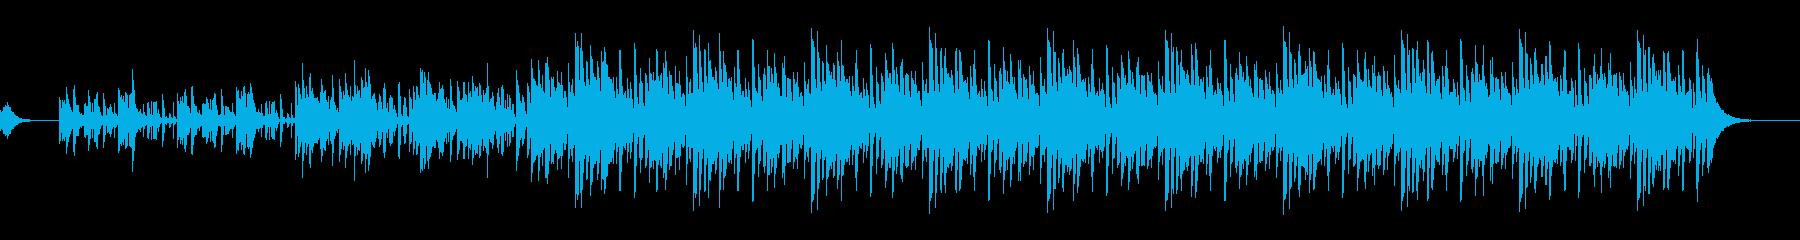 ミドルテンポバージョンの再生済みの波形